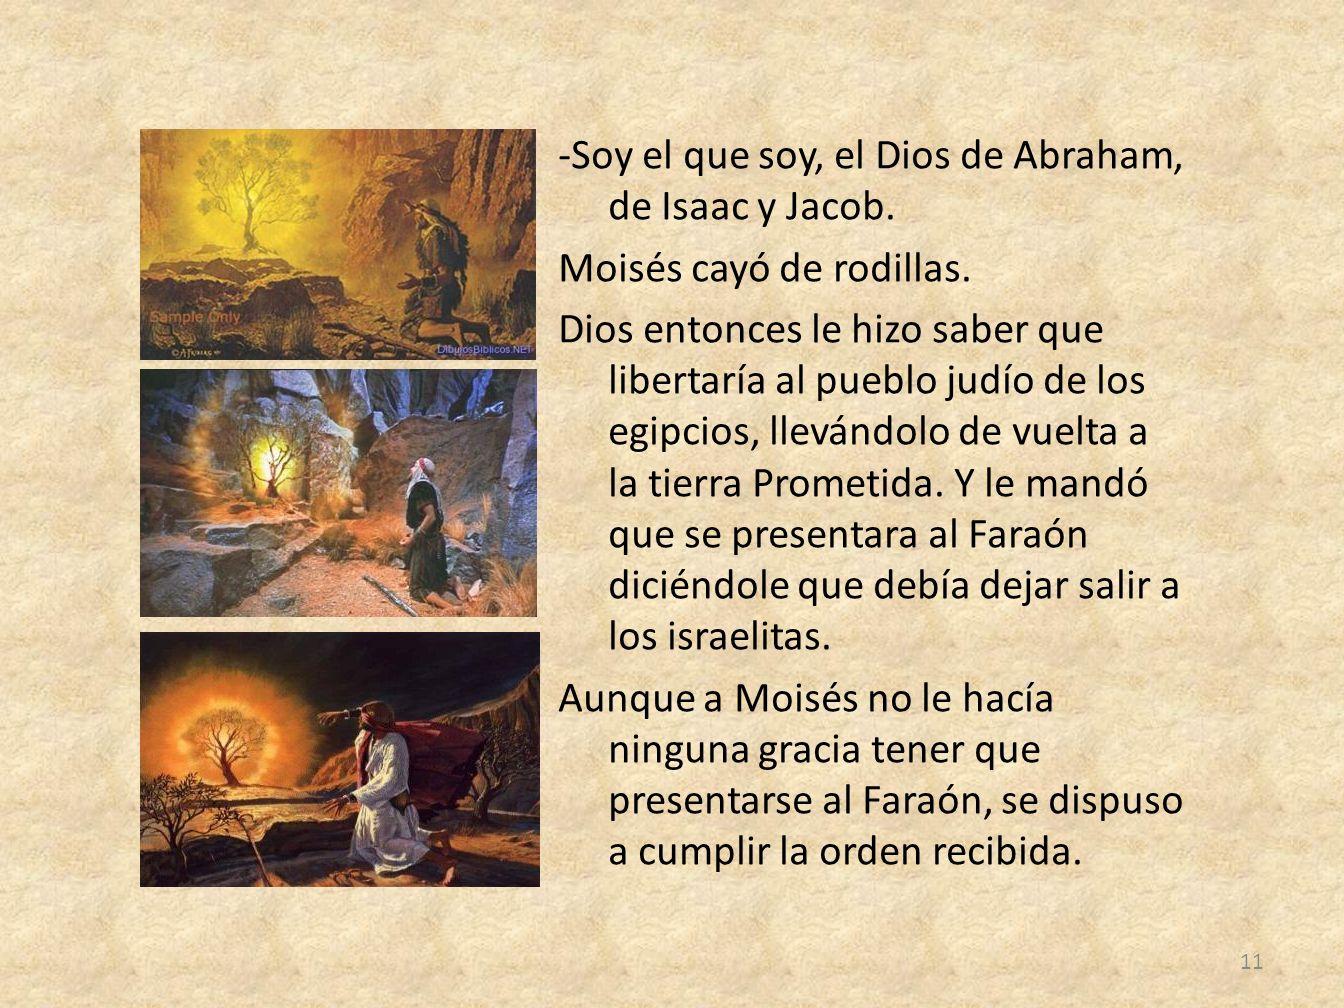 -Soy el que soy, el Dios de Abraham, de Isaac y Jacob. Moisés cayó de rodillas. Dios entonces le hizo saber que libertaría al pueblo judío de los egip